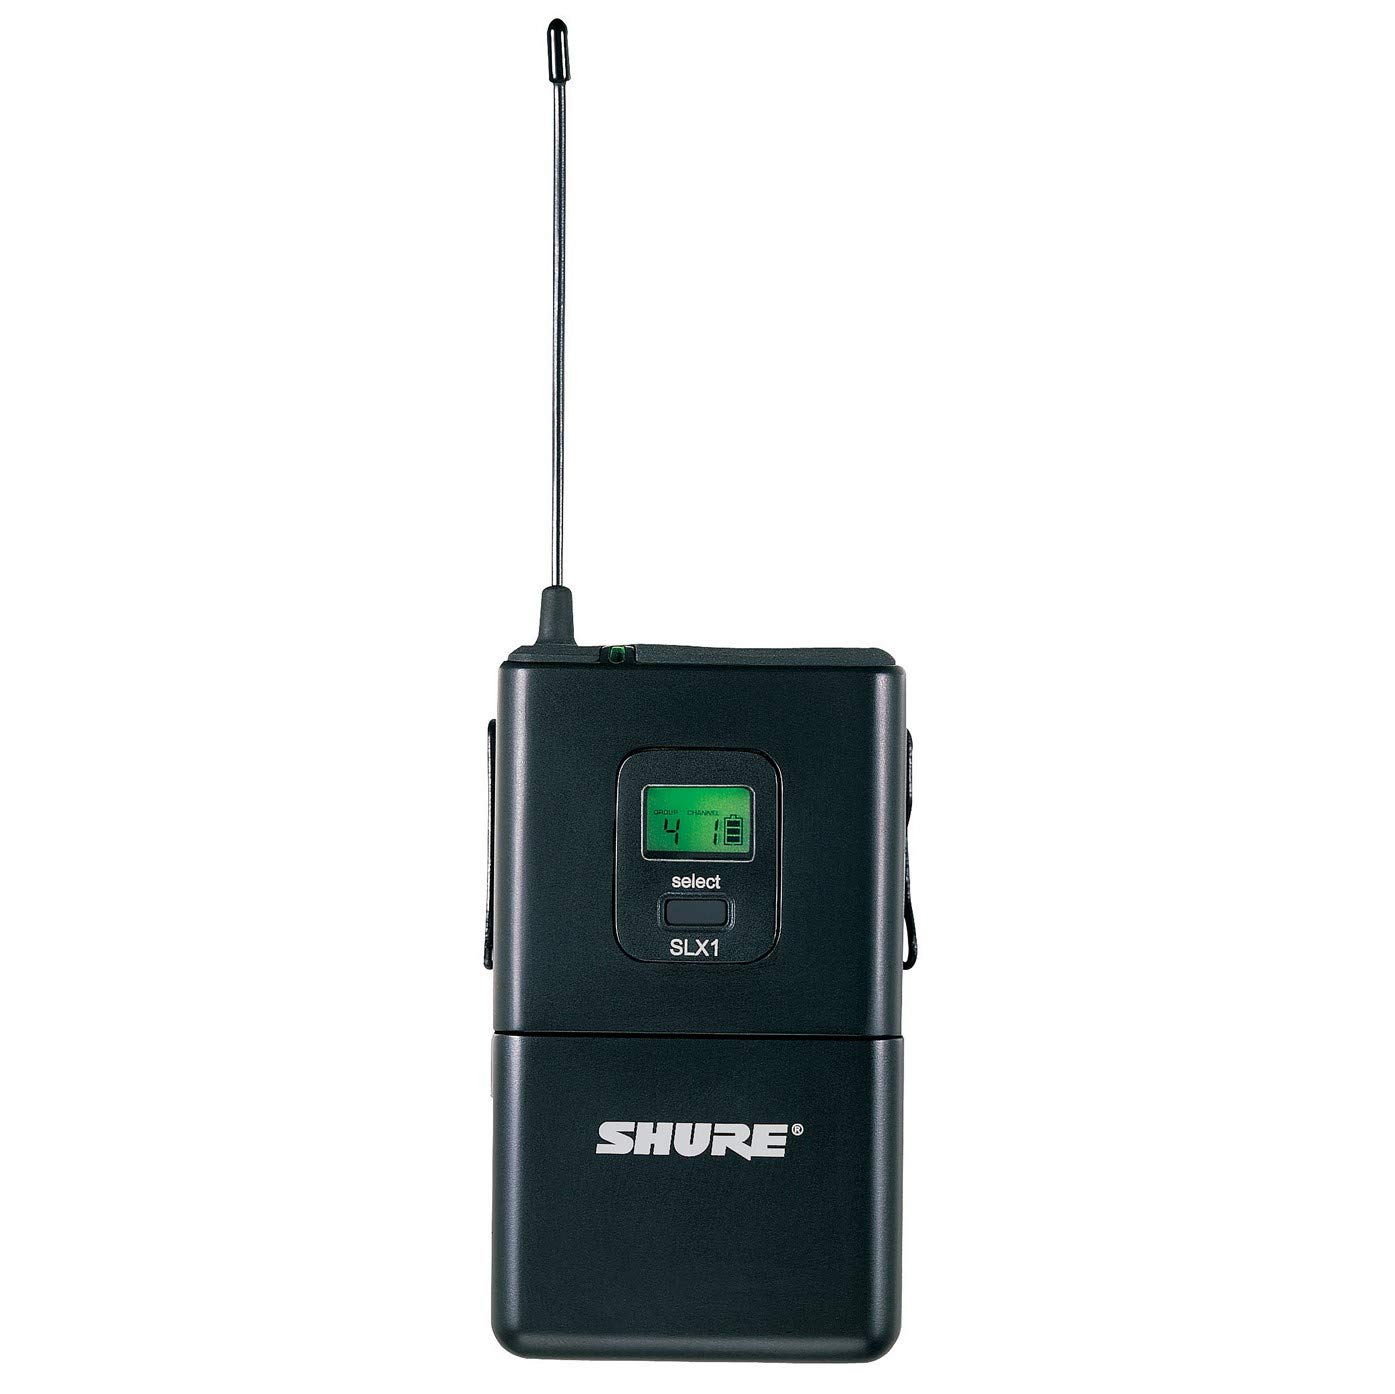 Shure SLX1 Bodypack Transmitter, J3